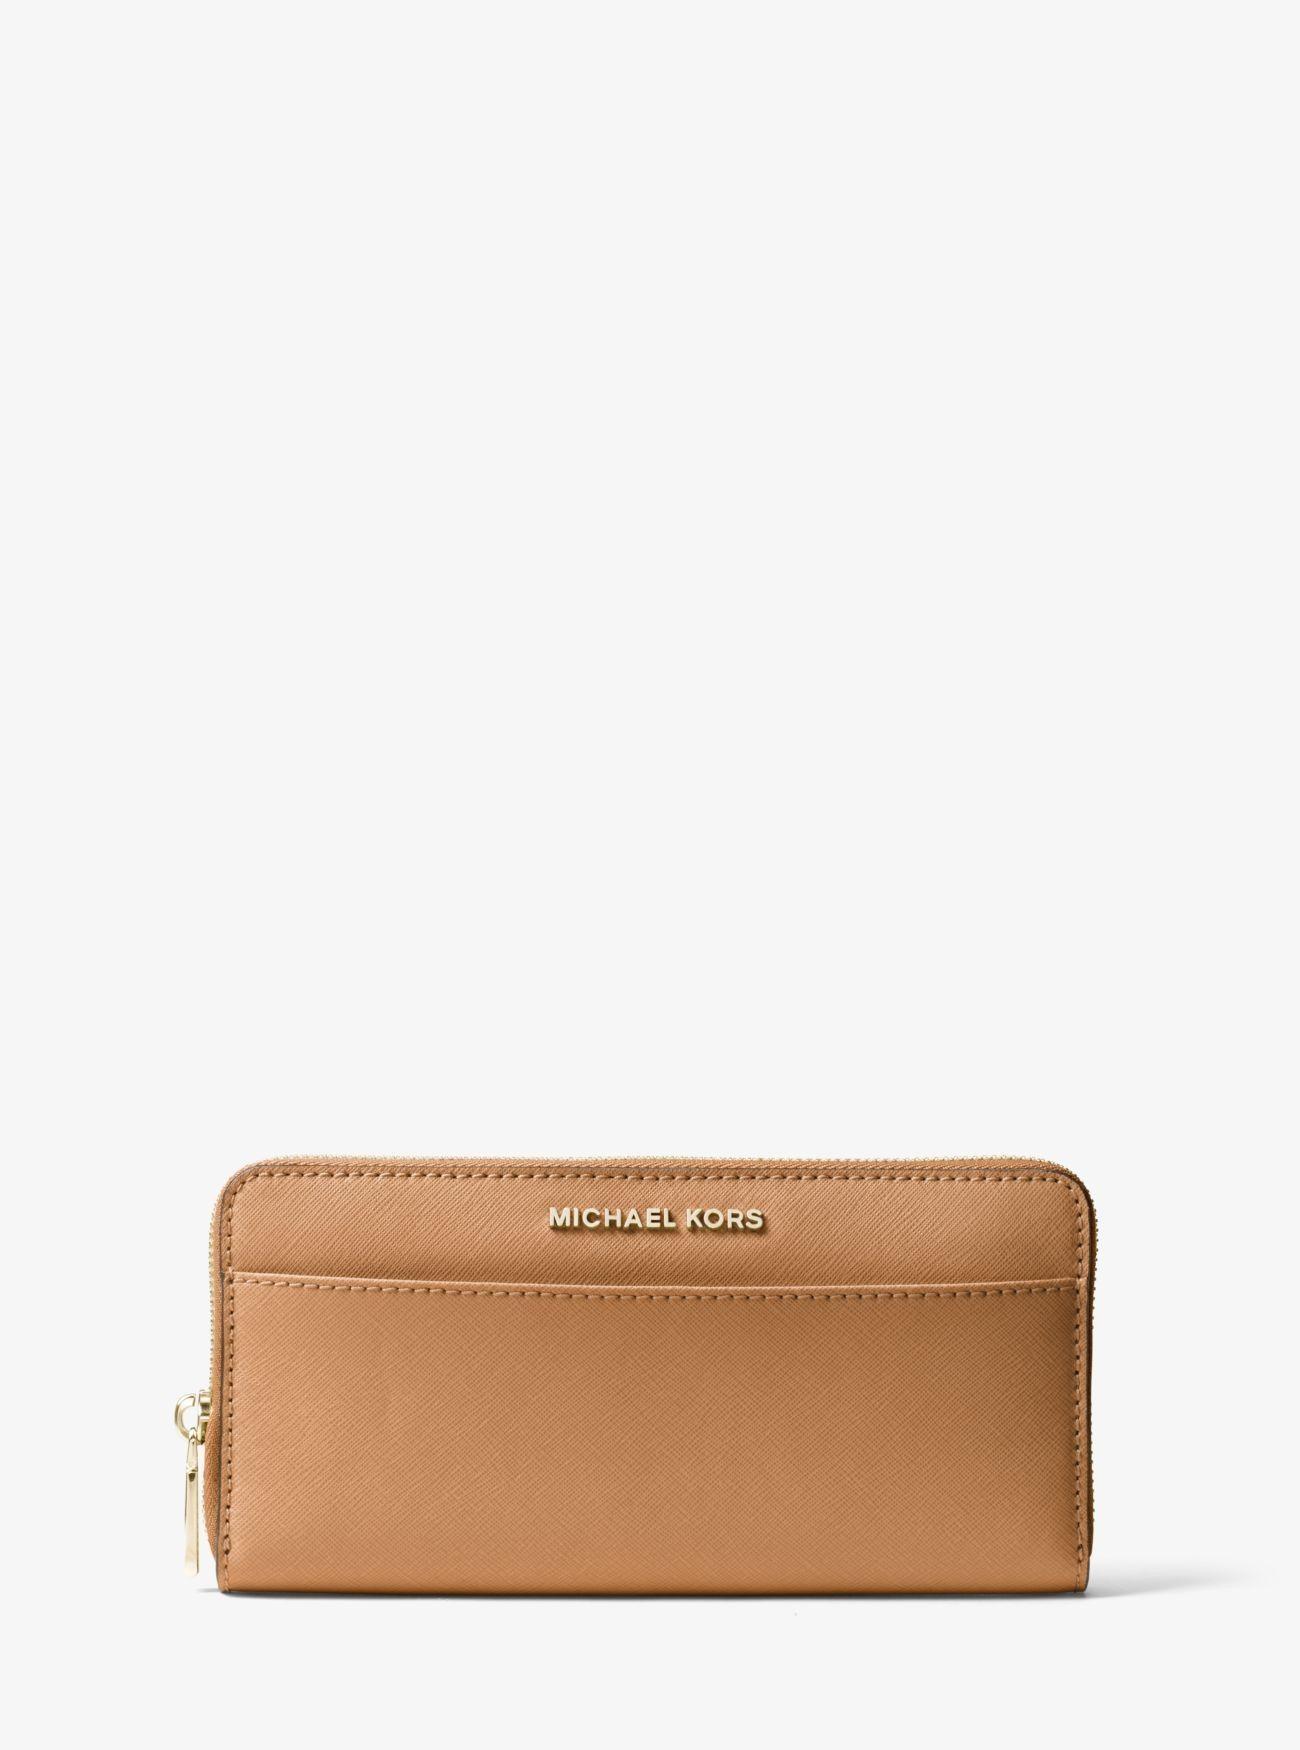 13a69b94d64c Outlet Michael Kors Acorn1 Jet Set Saffiano Leather Continental Wallet Sale